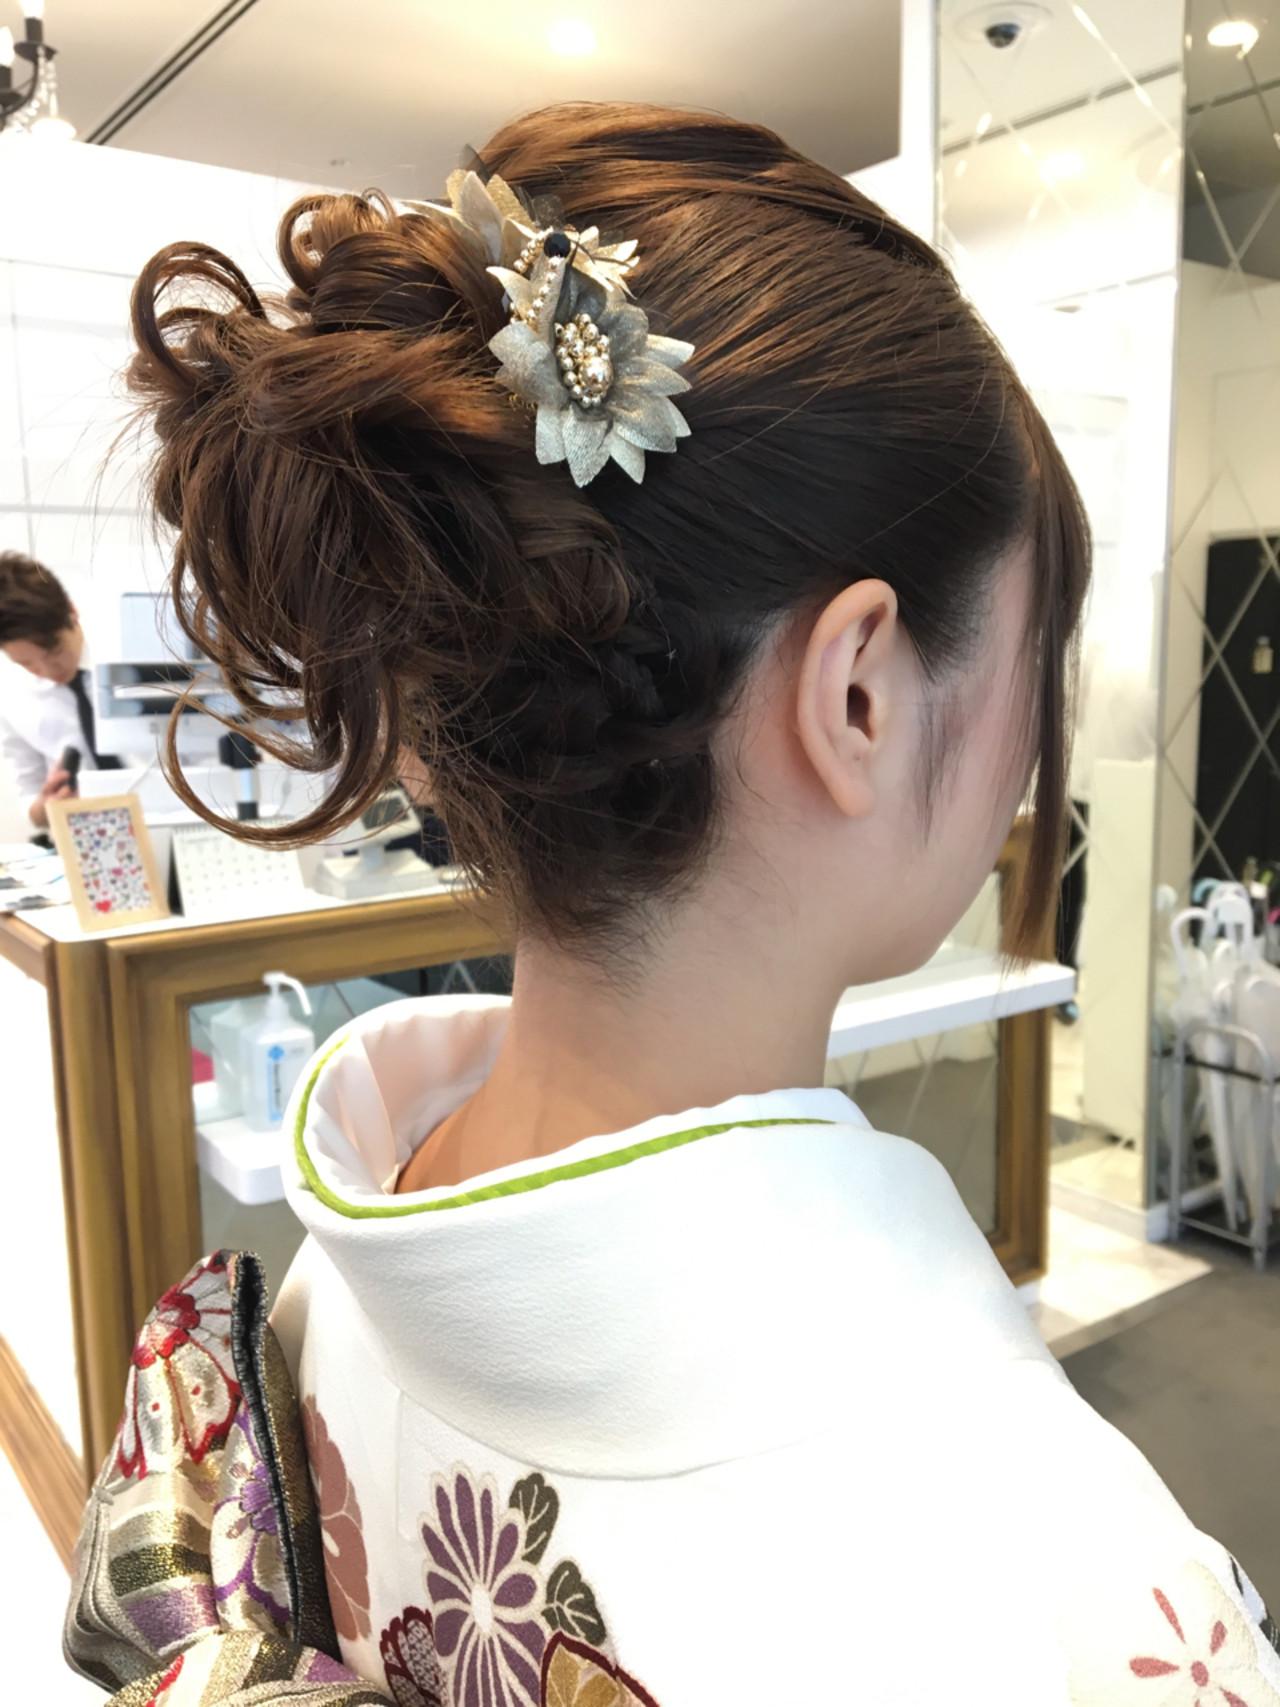 ヘアアレンジ 簡単ヘアアレンジ ハーフアップ 大人女子 ヘアスタイルや髪型の写真・画像 | 岩田 芳郎 / Ash 渋谷